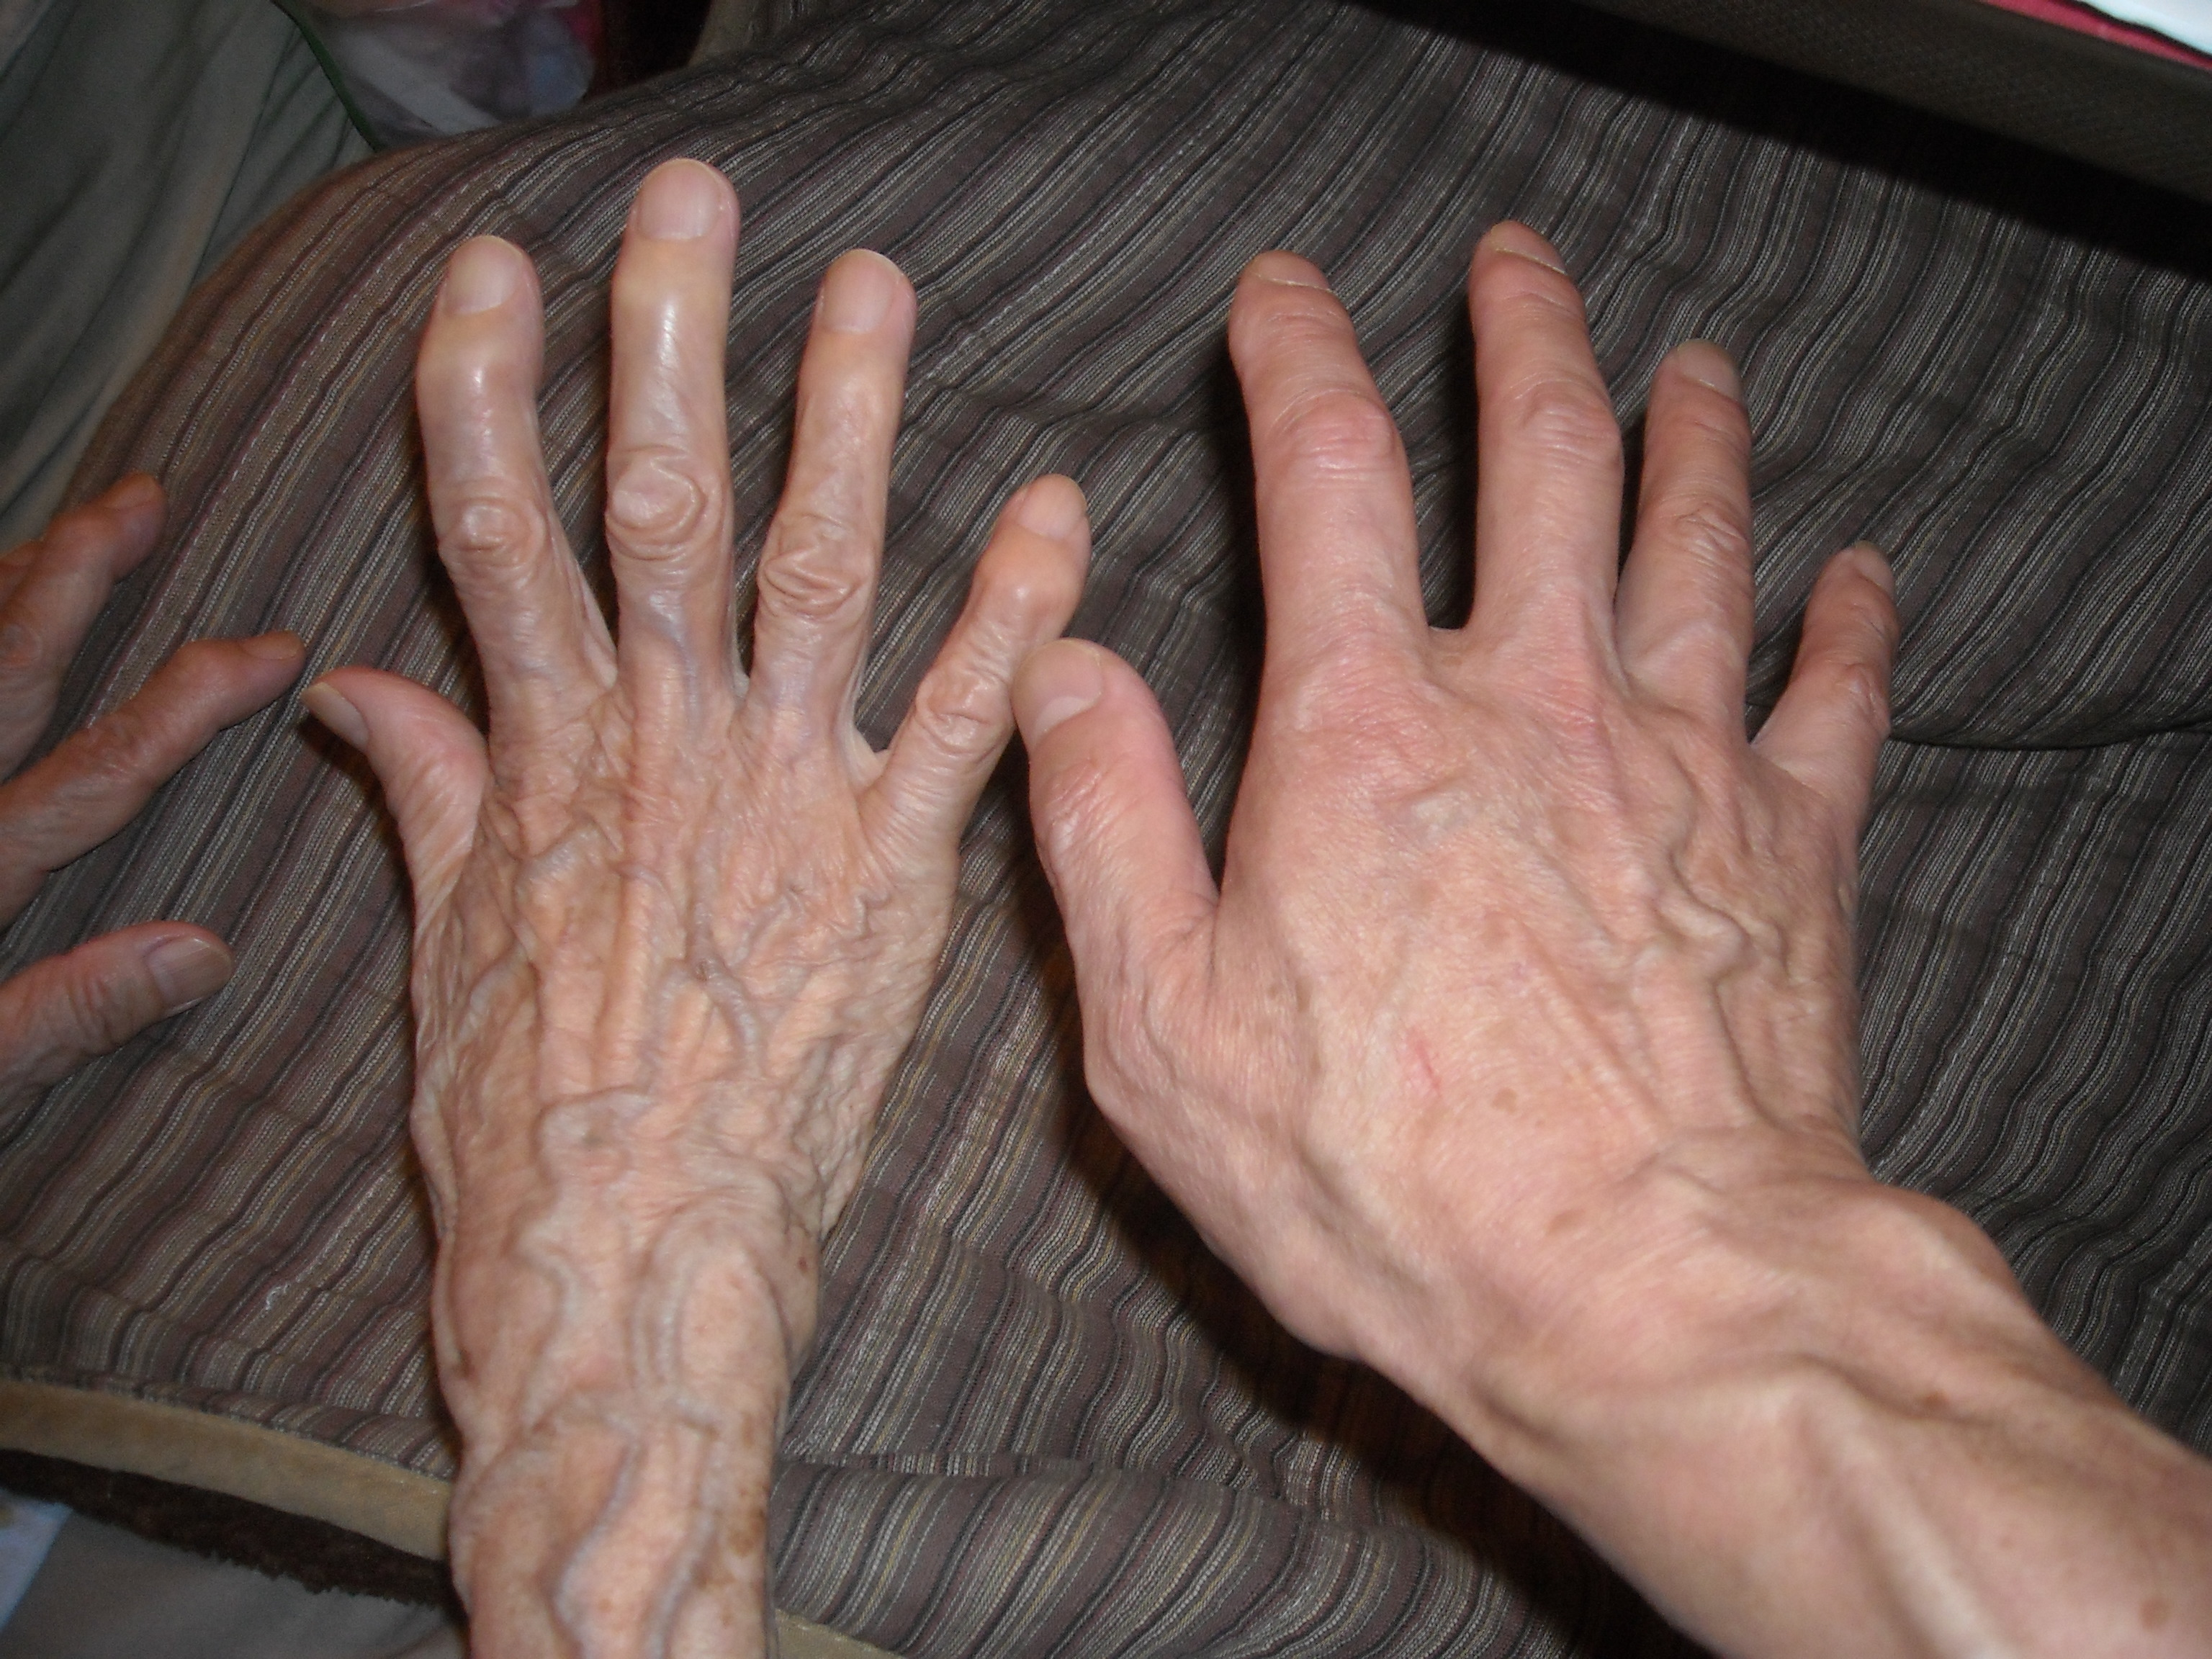 自称彫刻家の手と その母親の手   GATAピシの森   四六乃窯・友の会